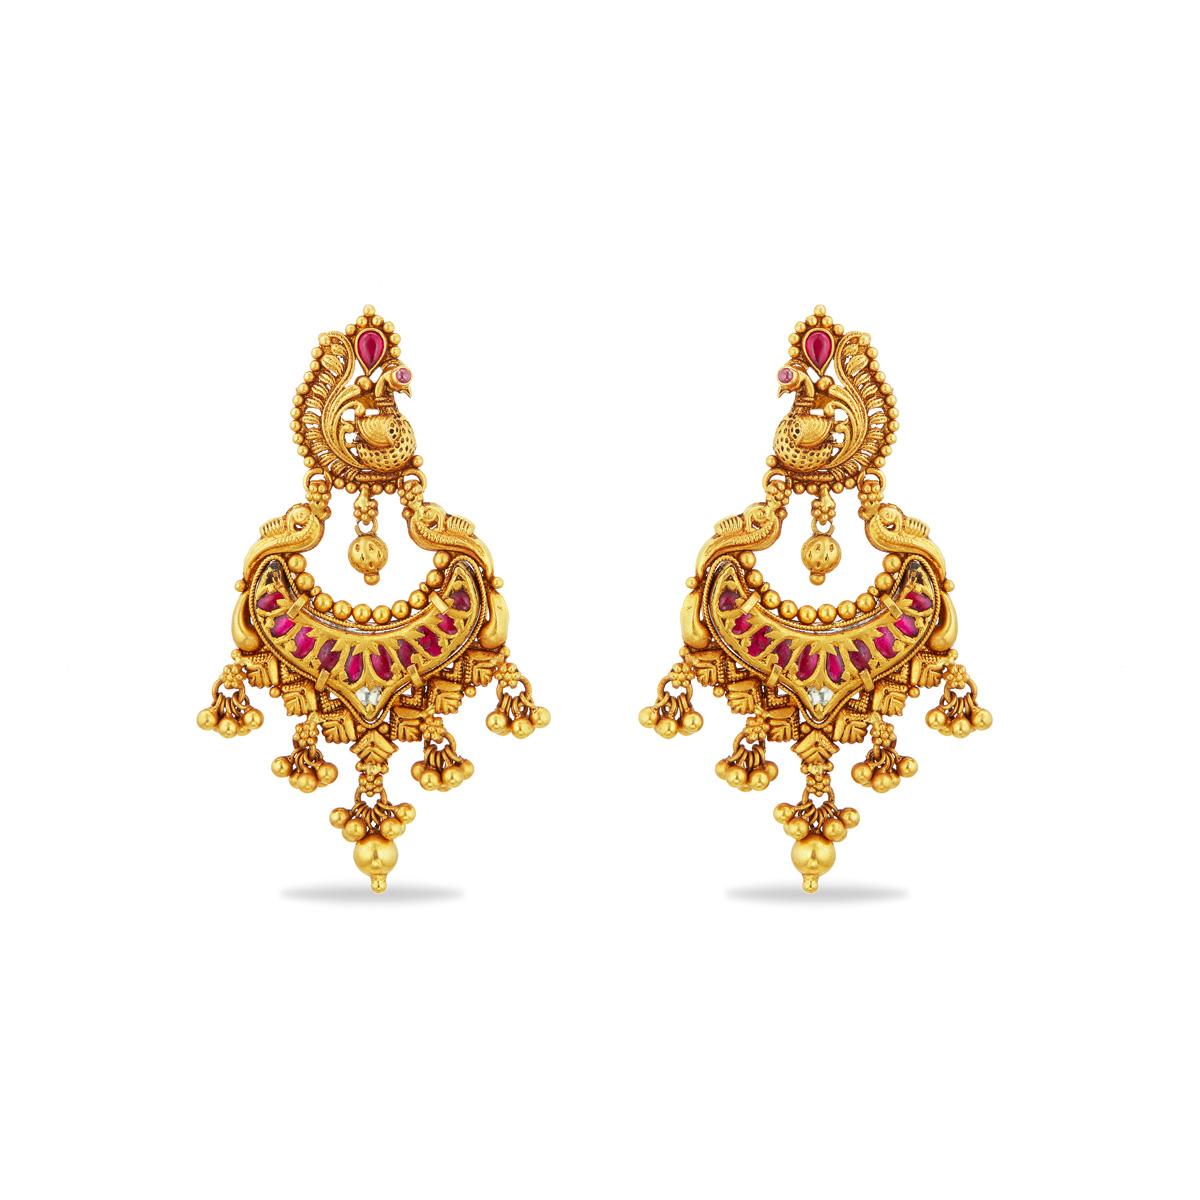 Ornate and Opulent Chandbali